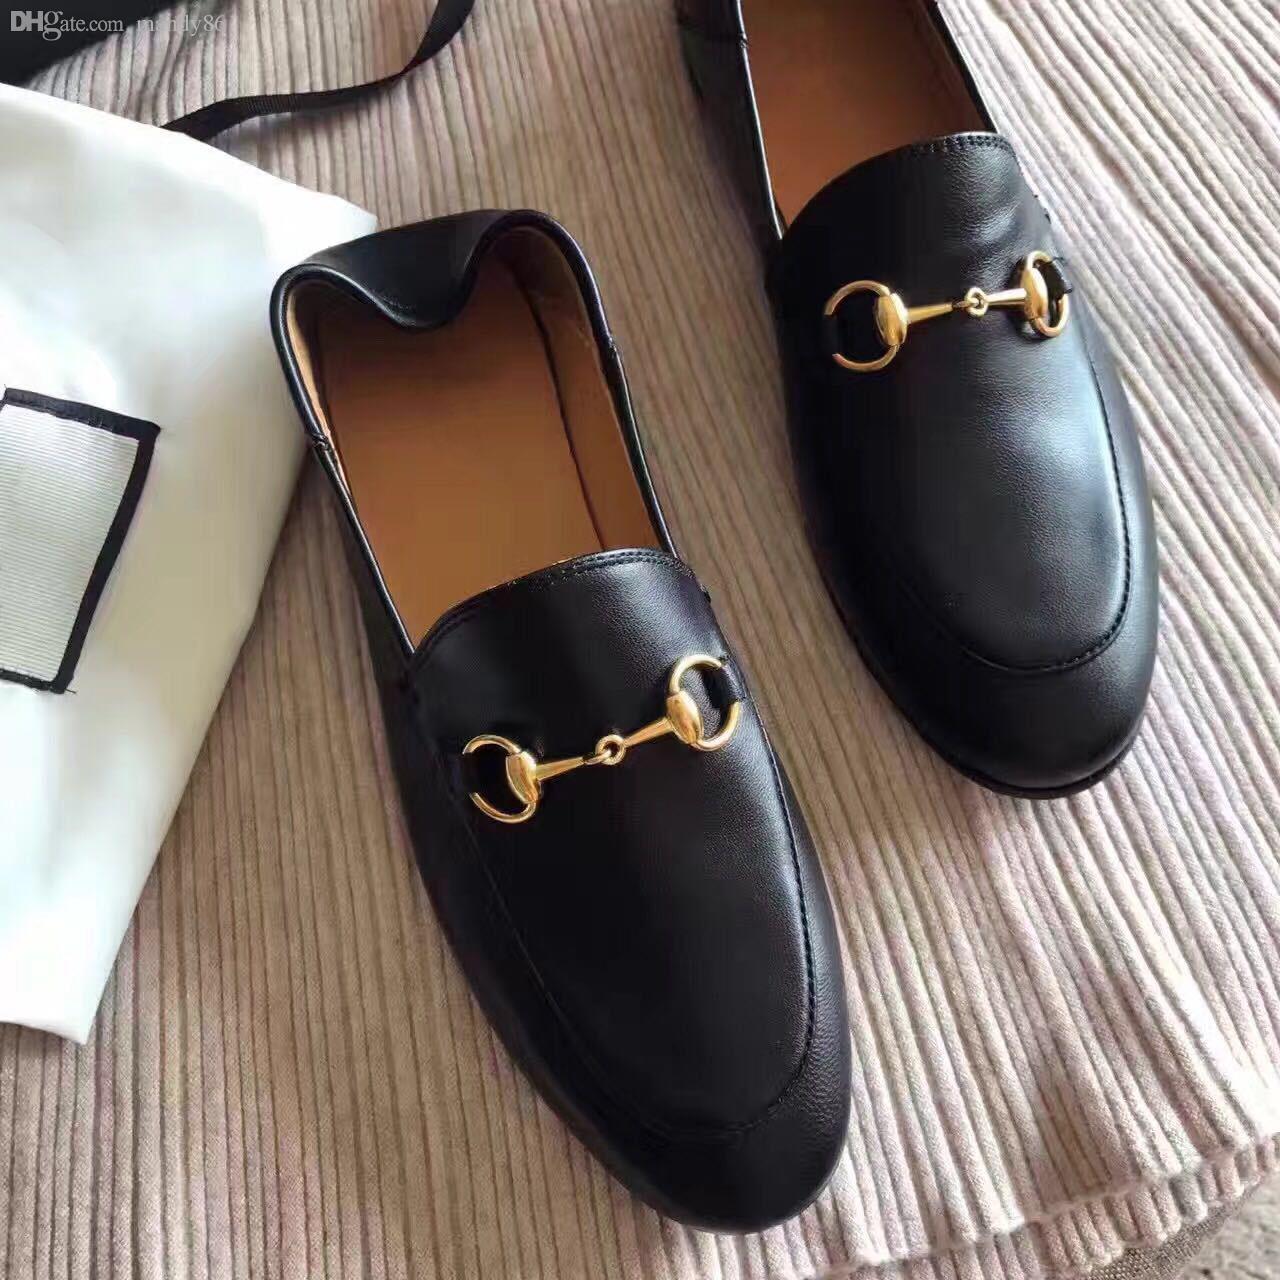 02c4358571 Compre Moda Mulher Loafer Sapatos De Couro Mulher Sapatos Casuais Sapatos  Femininos Zapatos Mujer Chaussure Femme Sapato Feminino Sandalias De  Mandy86